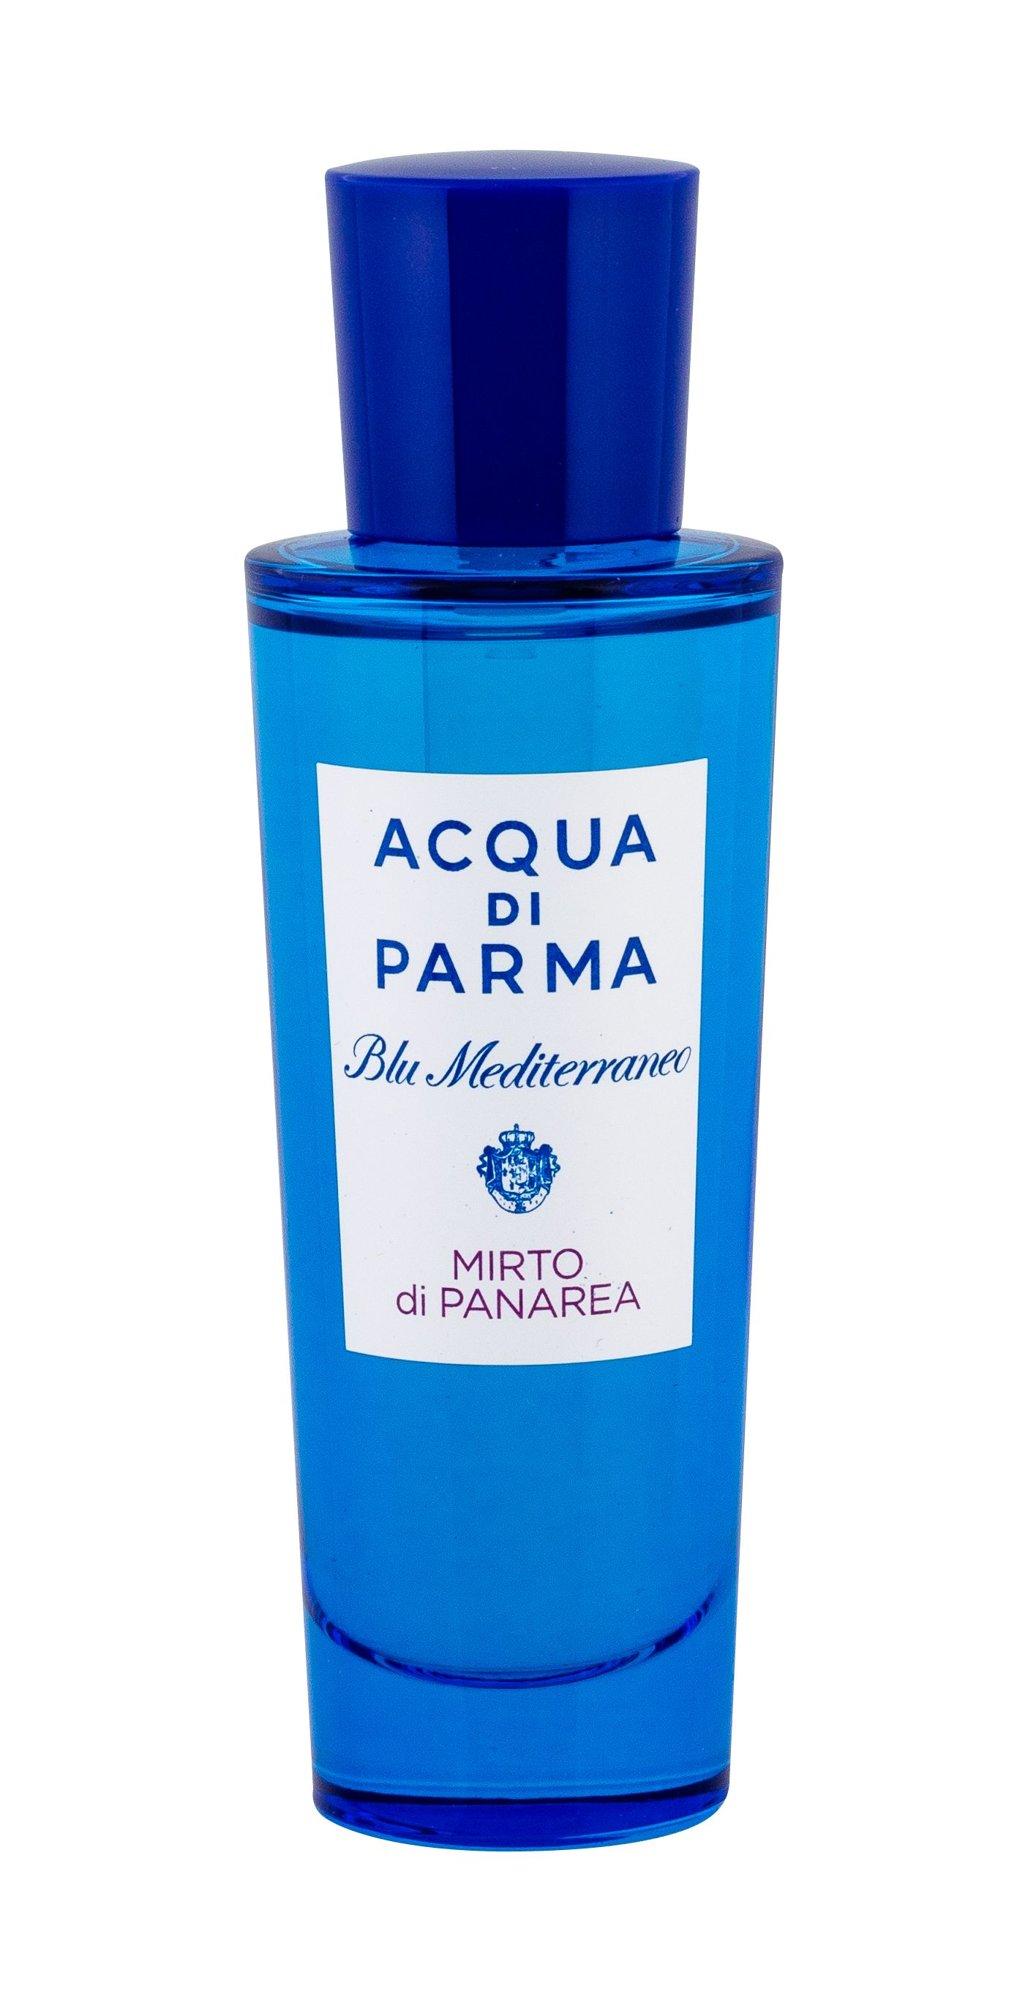 Acqua di Parma Blu Mediterraneo Mirto di Panarea Eau de Toilette 30ml